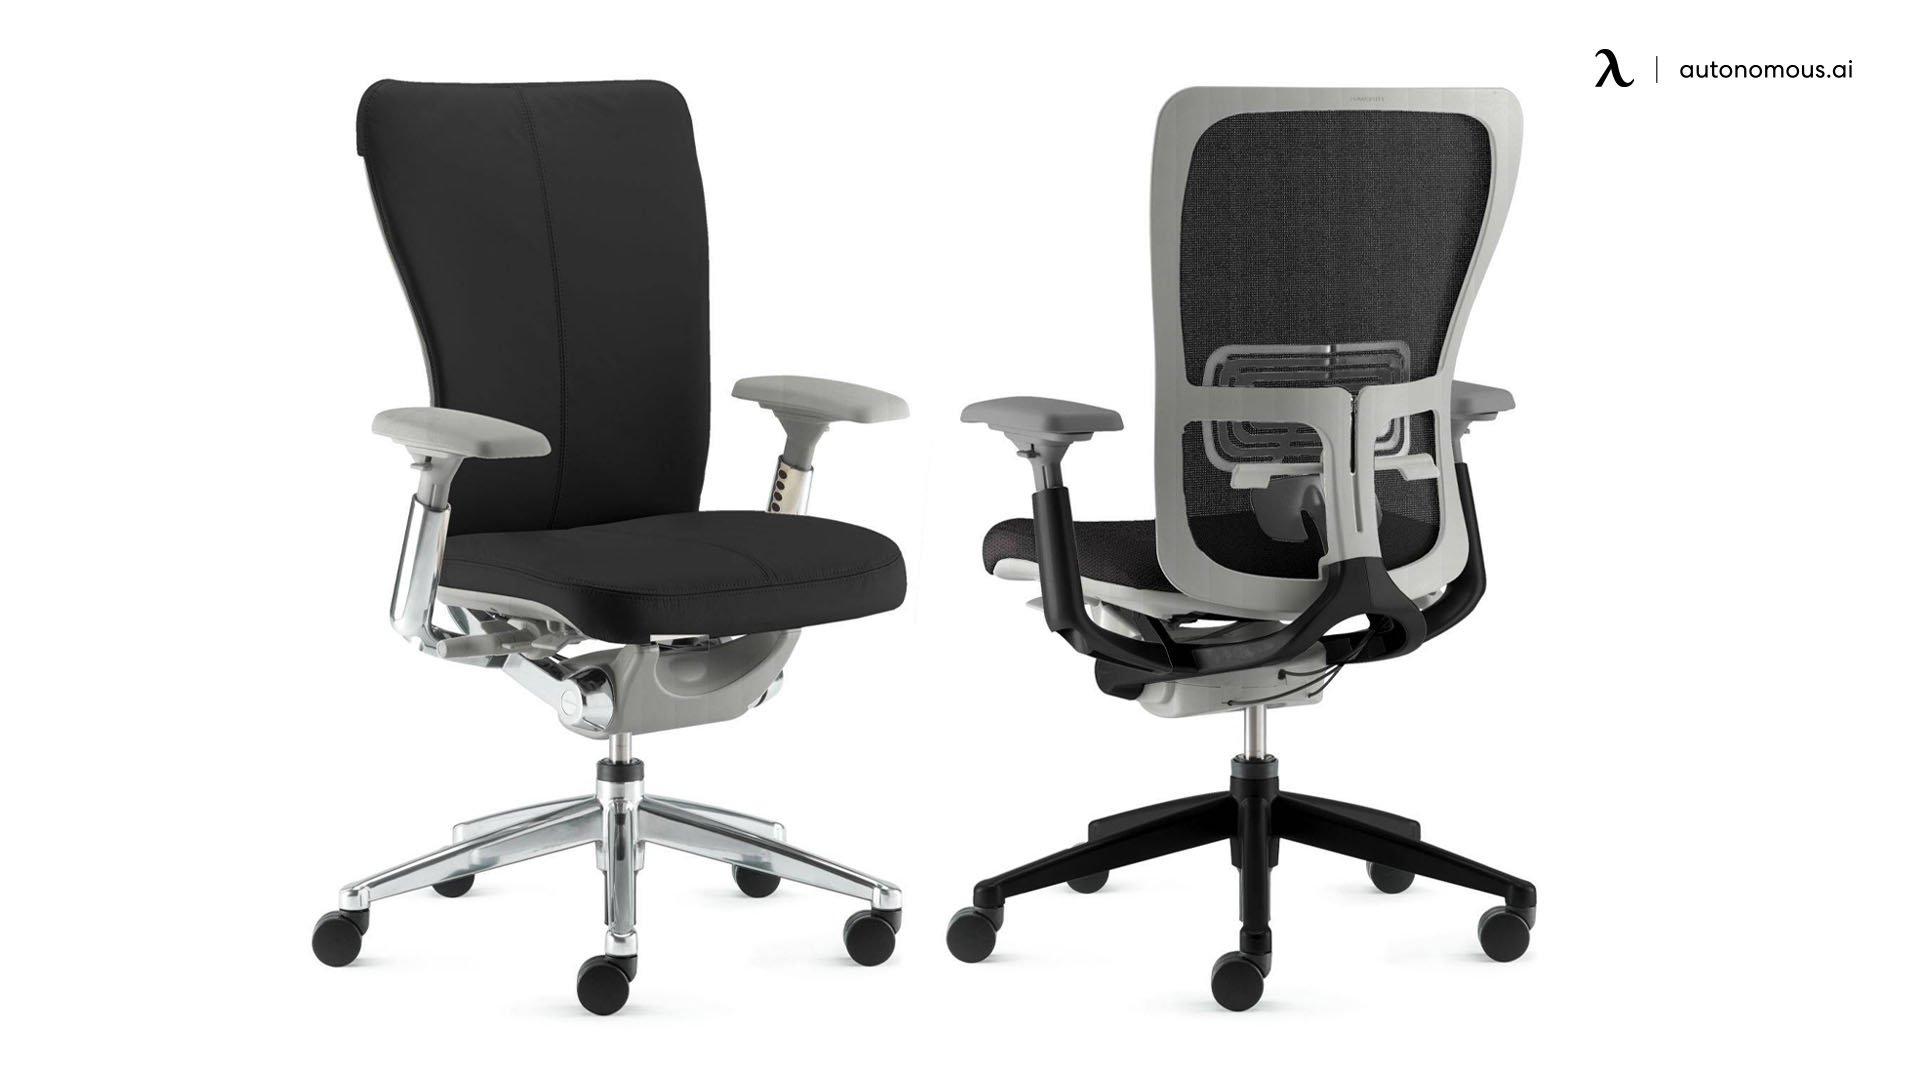 Haworth Zody Ergonomic Chair